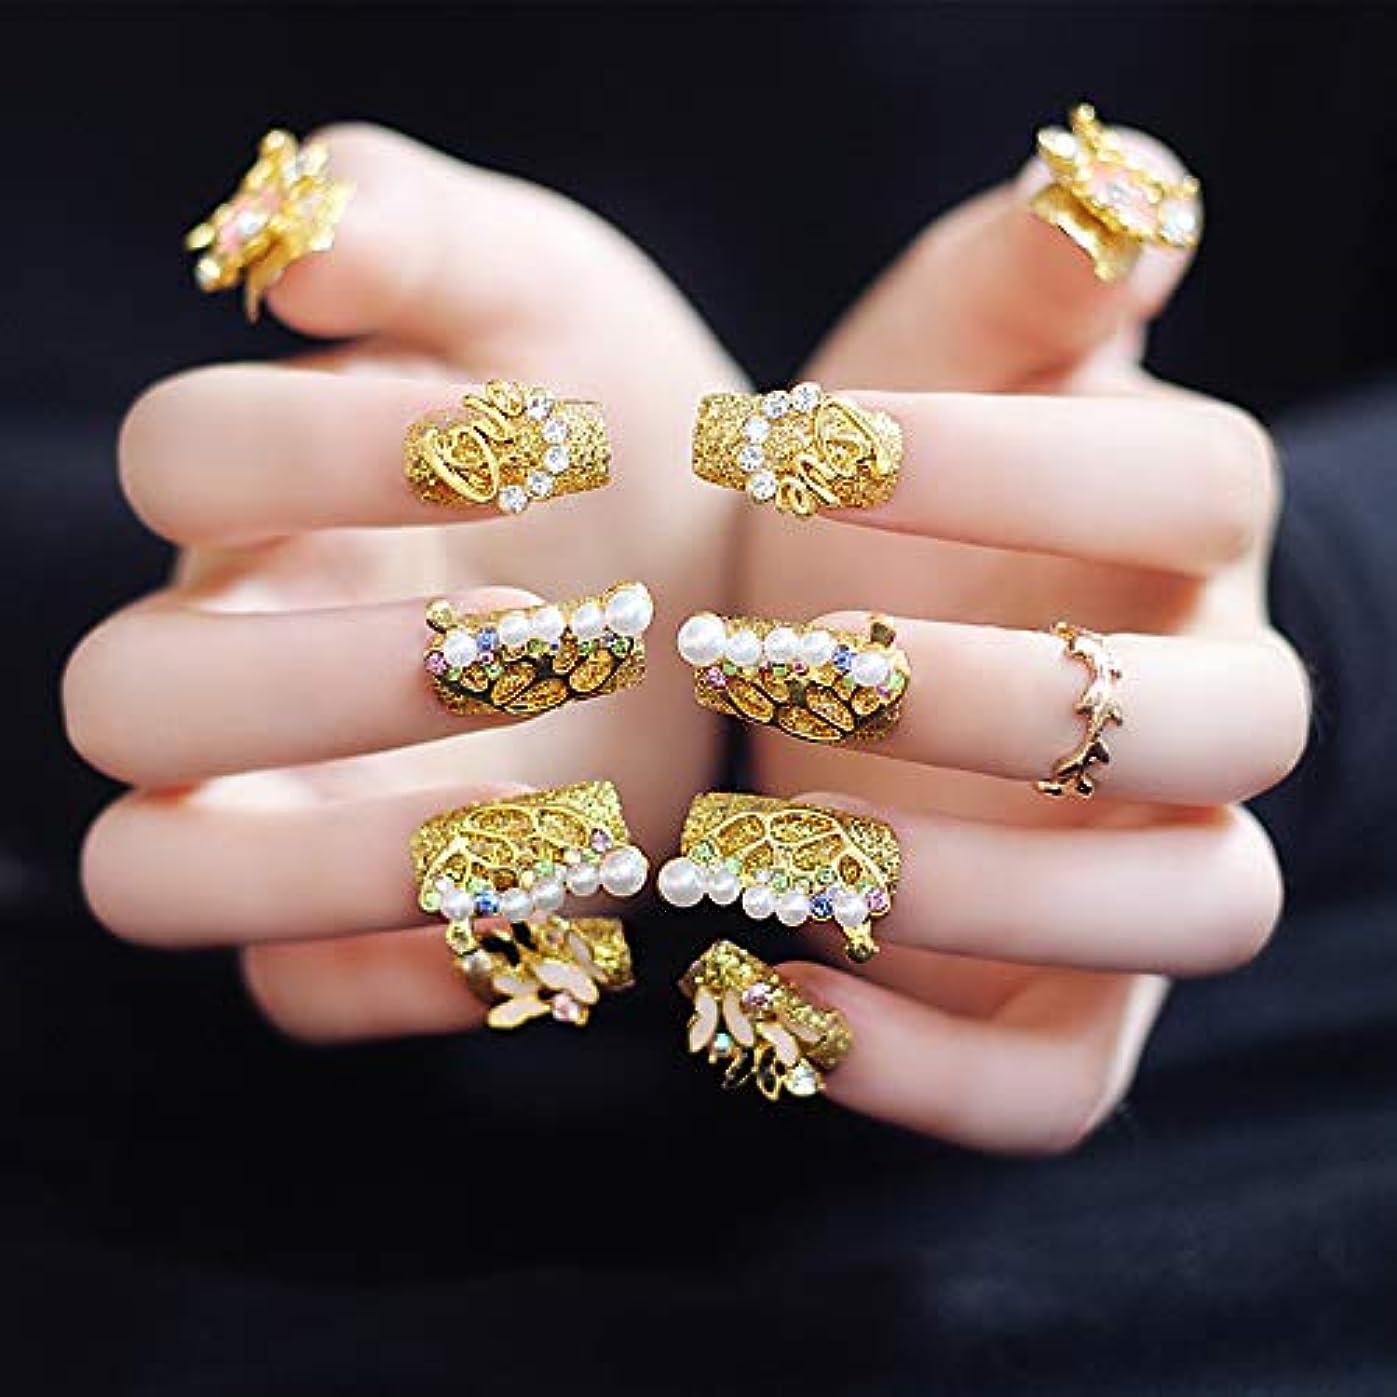 準備サリー彼らXUTXZKA ゴールデン結婚式の偽の釘ロング20個スクエアラインストーンの装飾ネイルのヒント花嫁のステッカー